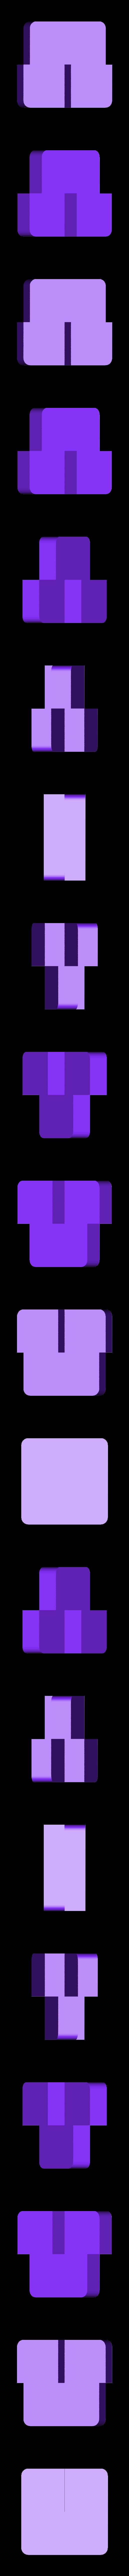 boton_ajedrez_extr1.stl Télécharger fichier STL gratuit Calibrage de l'extrudeuse double • Objet à imprimer en 3D, saginau